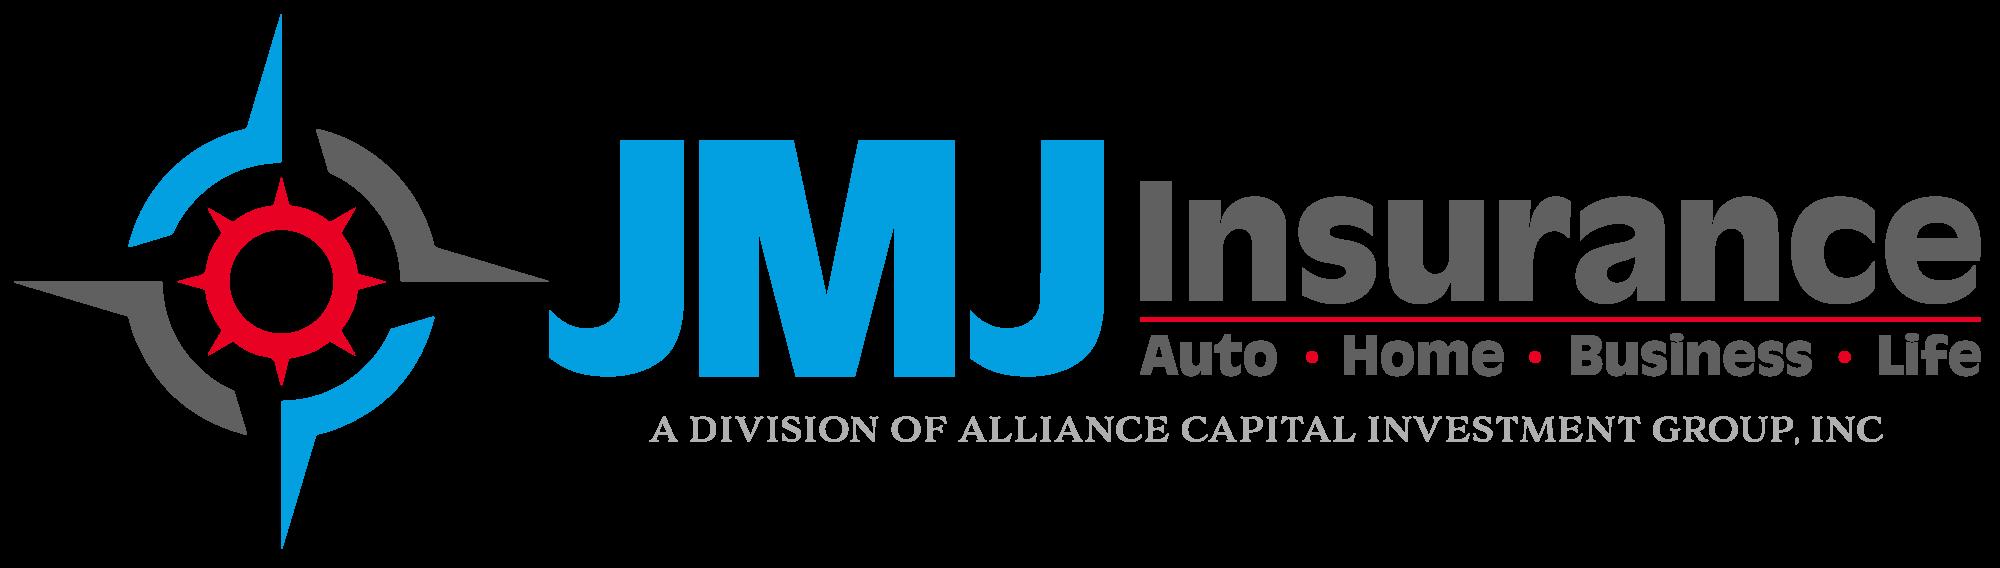 JMJ Insurance logo